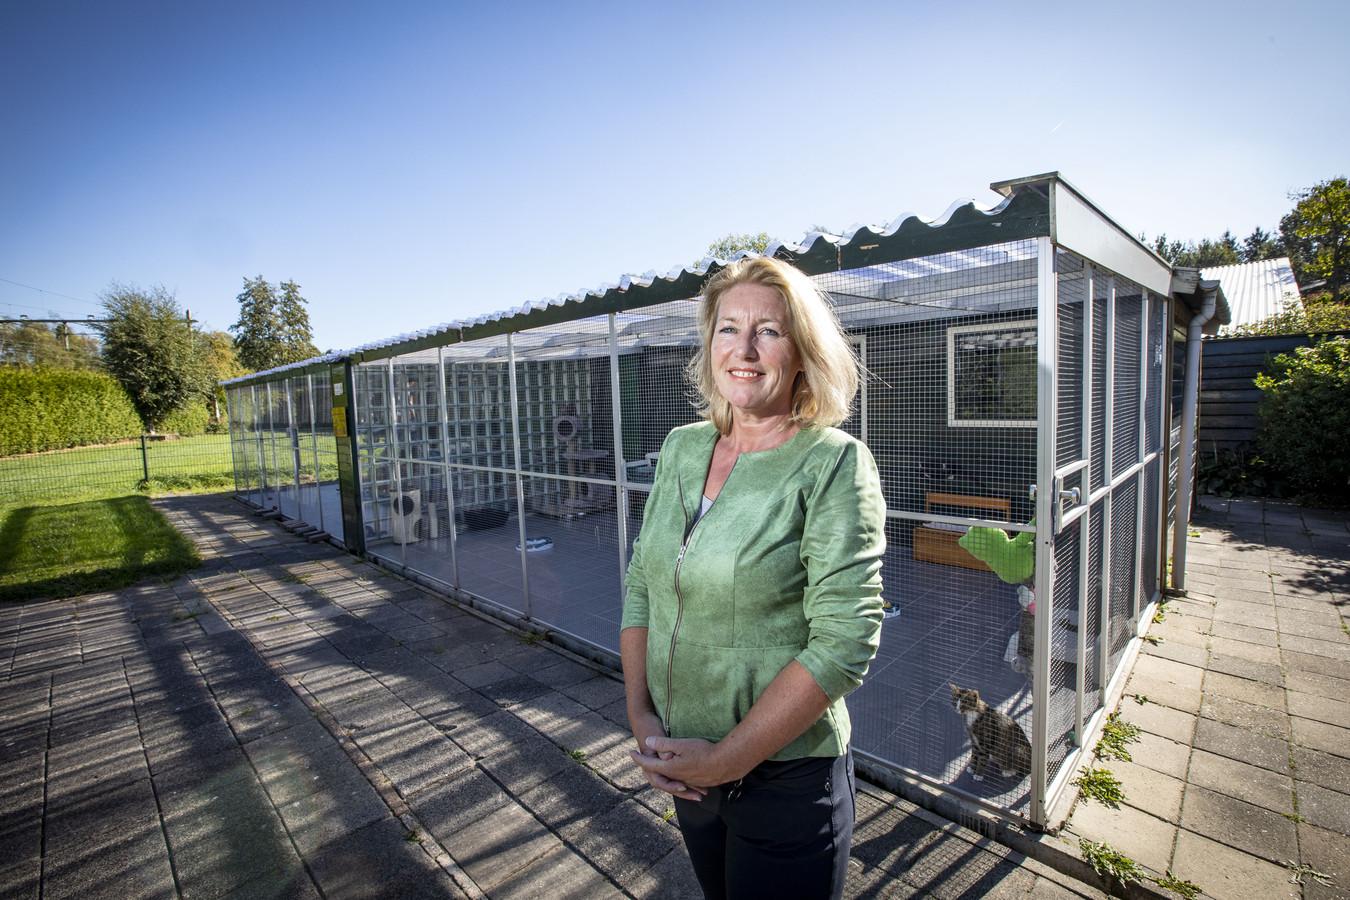 Directeur Liesbeth van Hoorik voor het huidige kattenverblijf. Het object wordt binnenkort gesloopt.